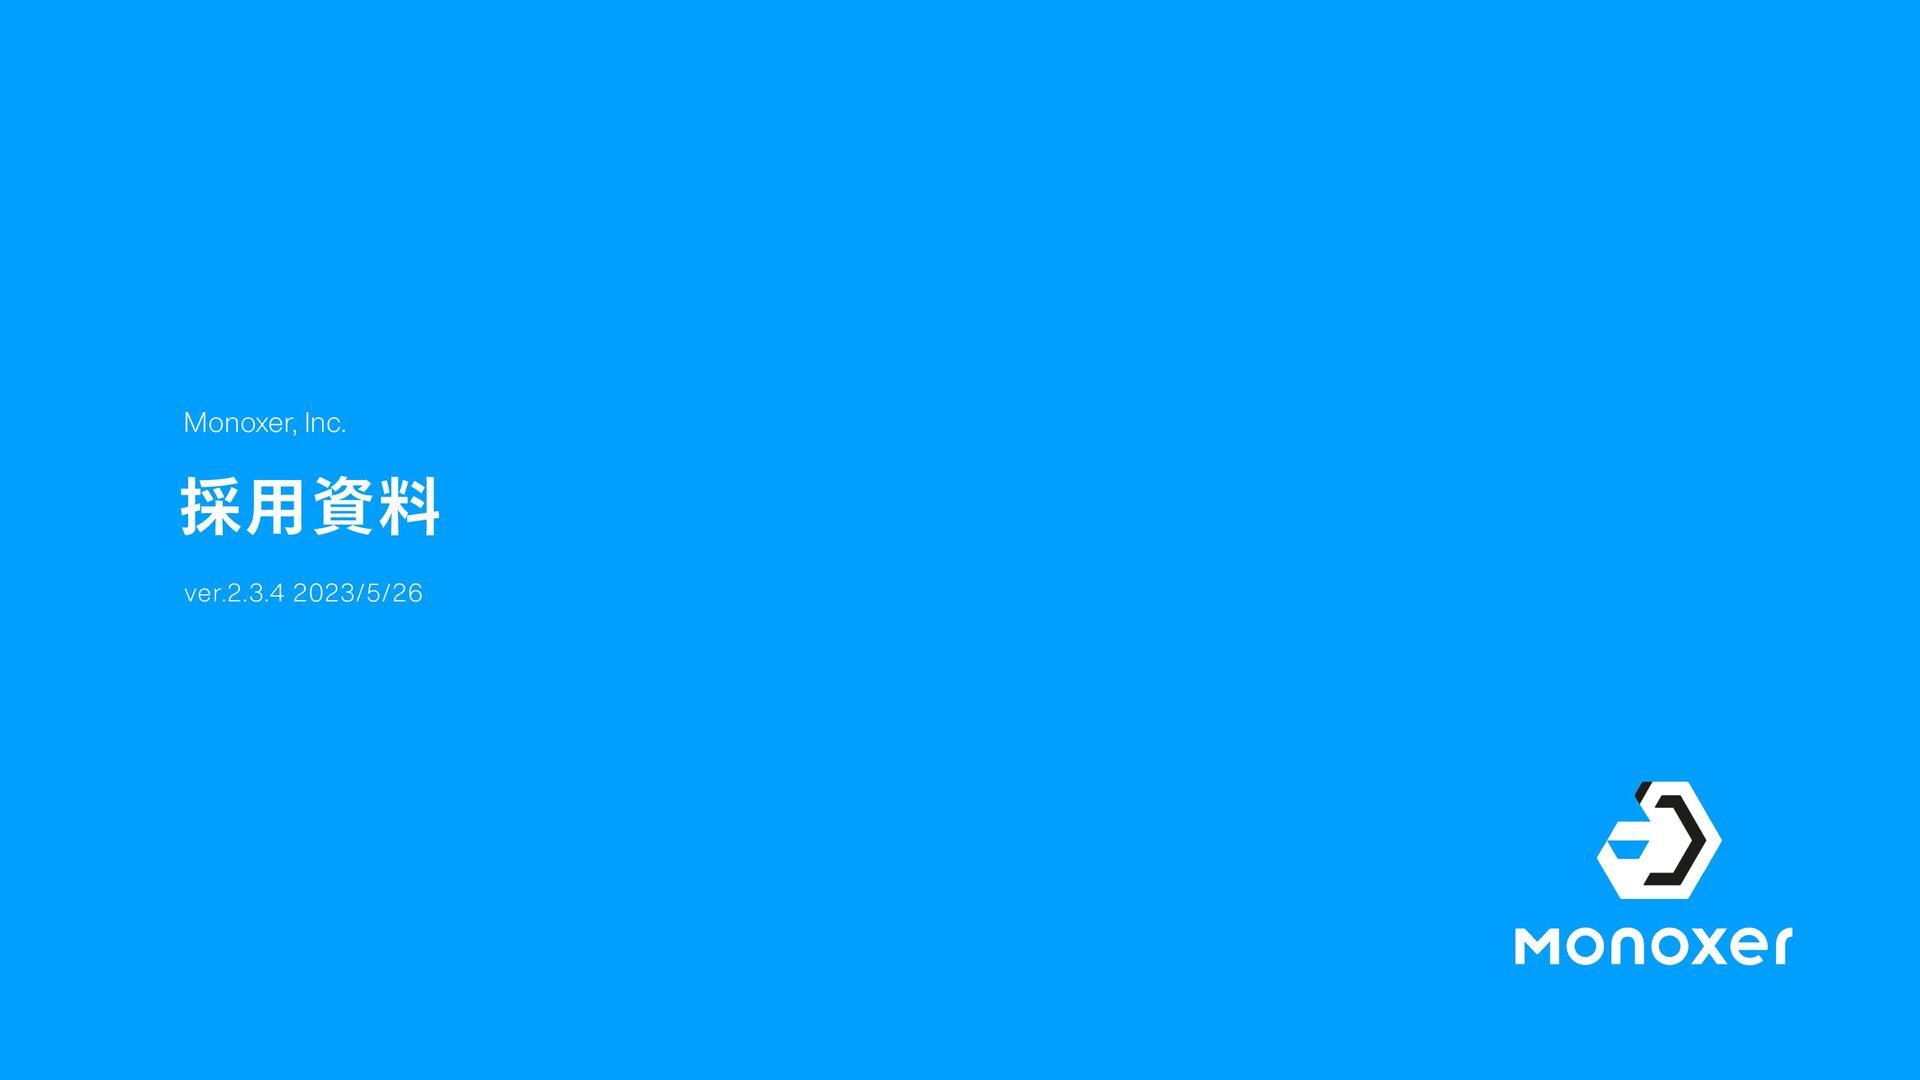 採用資料 記憶を日常に ver.1.2.1 2020/9/25 モノグサ株式会社